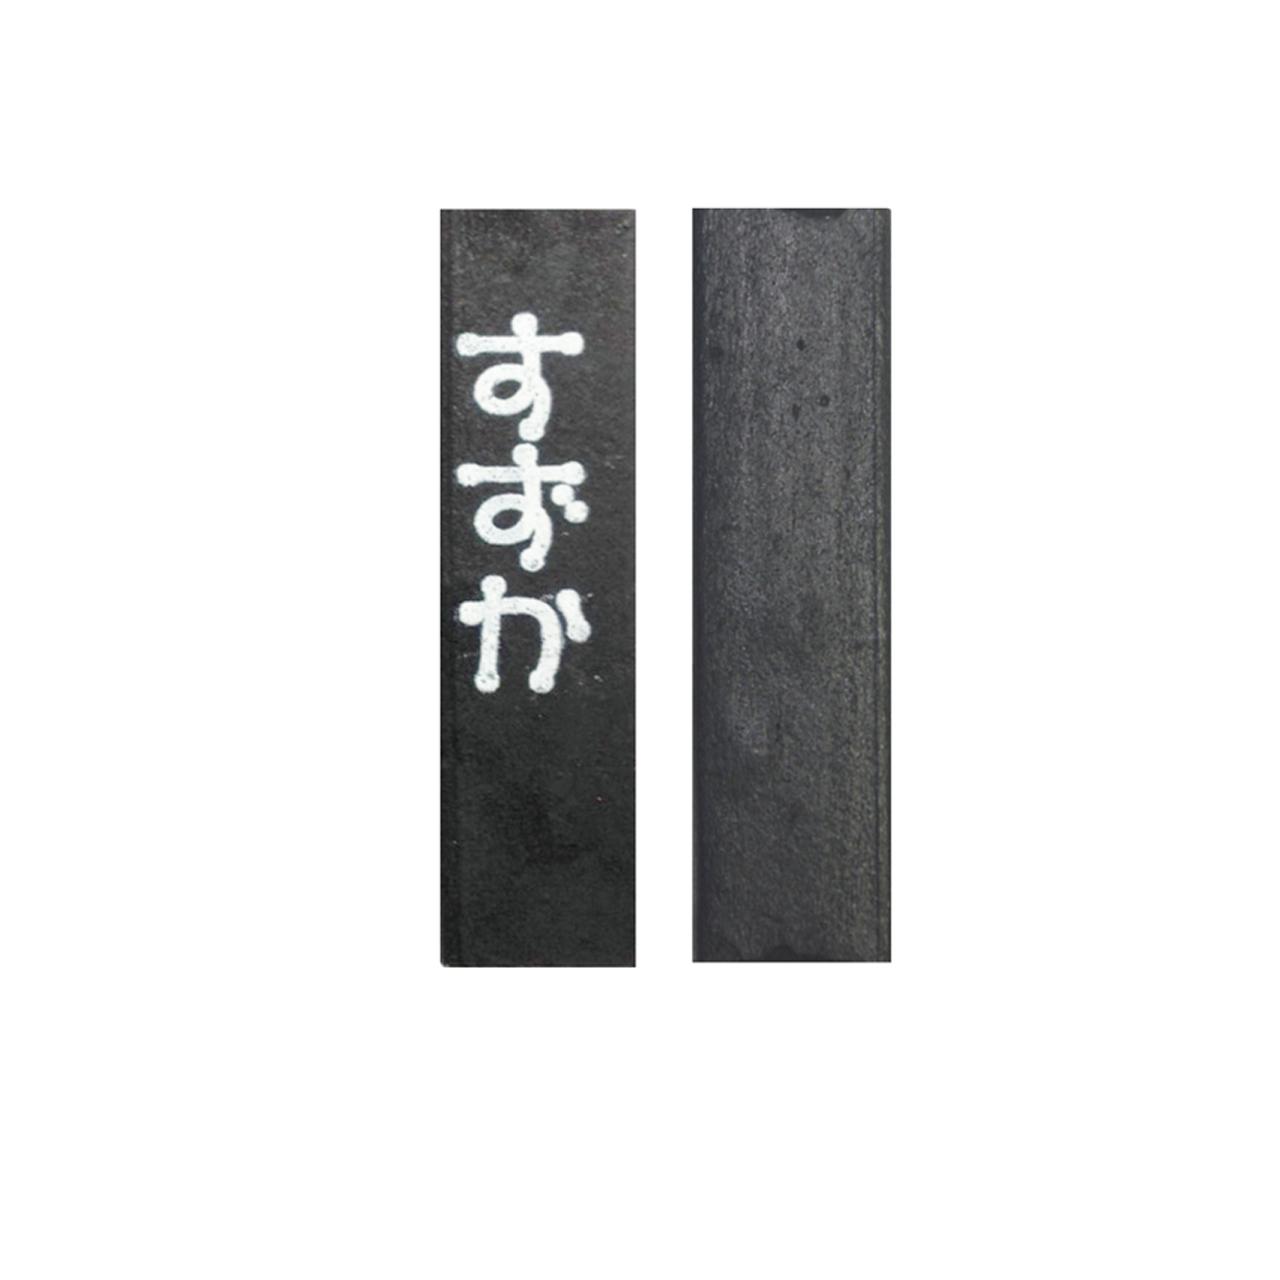 鈴鹿墨 1分墨「すずか」1丁型